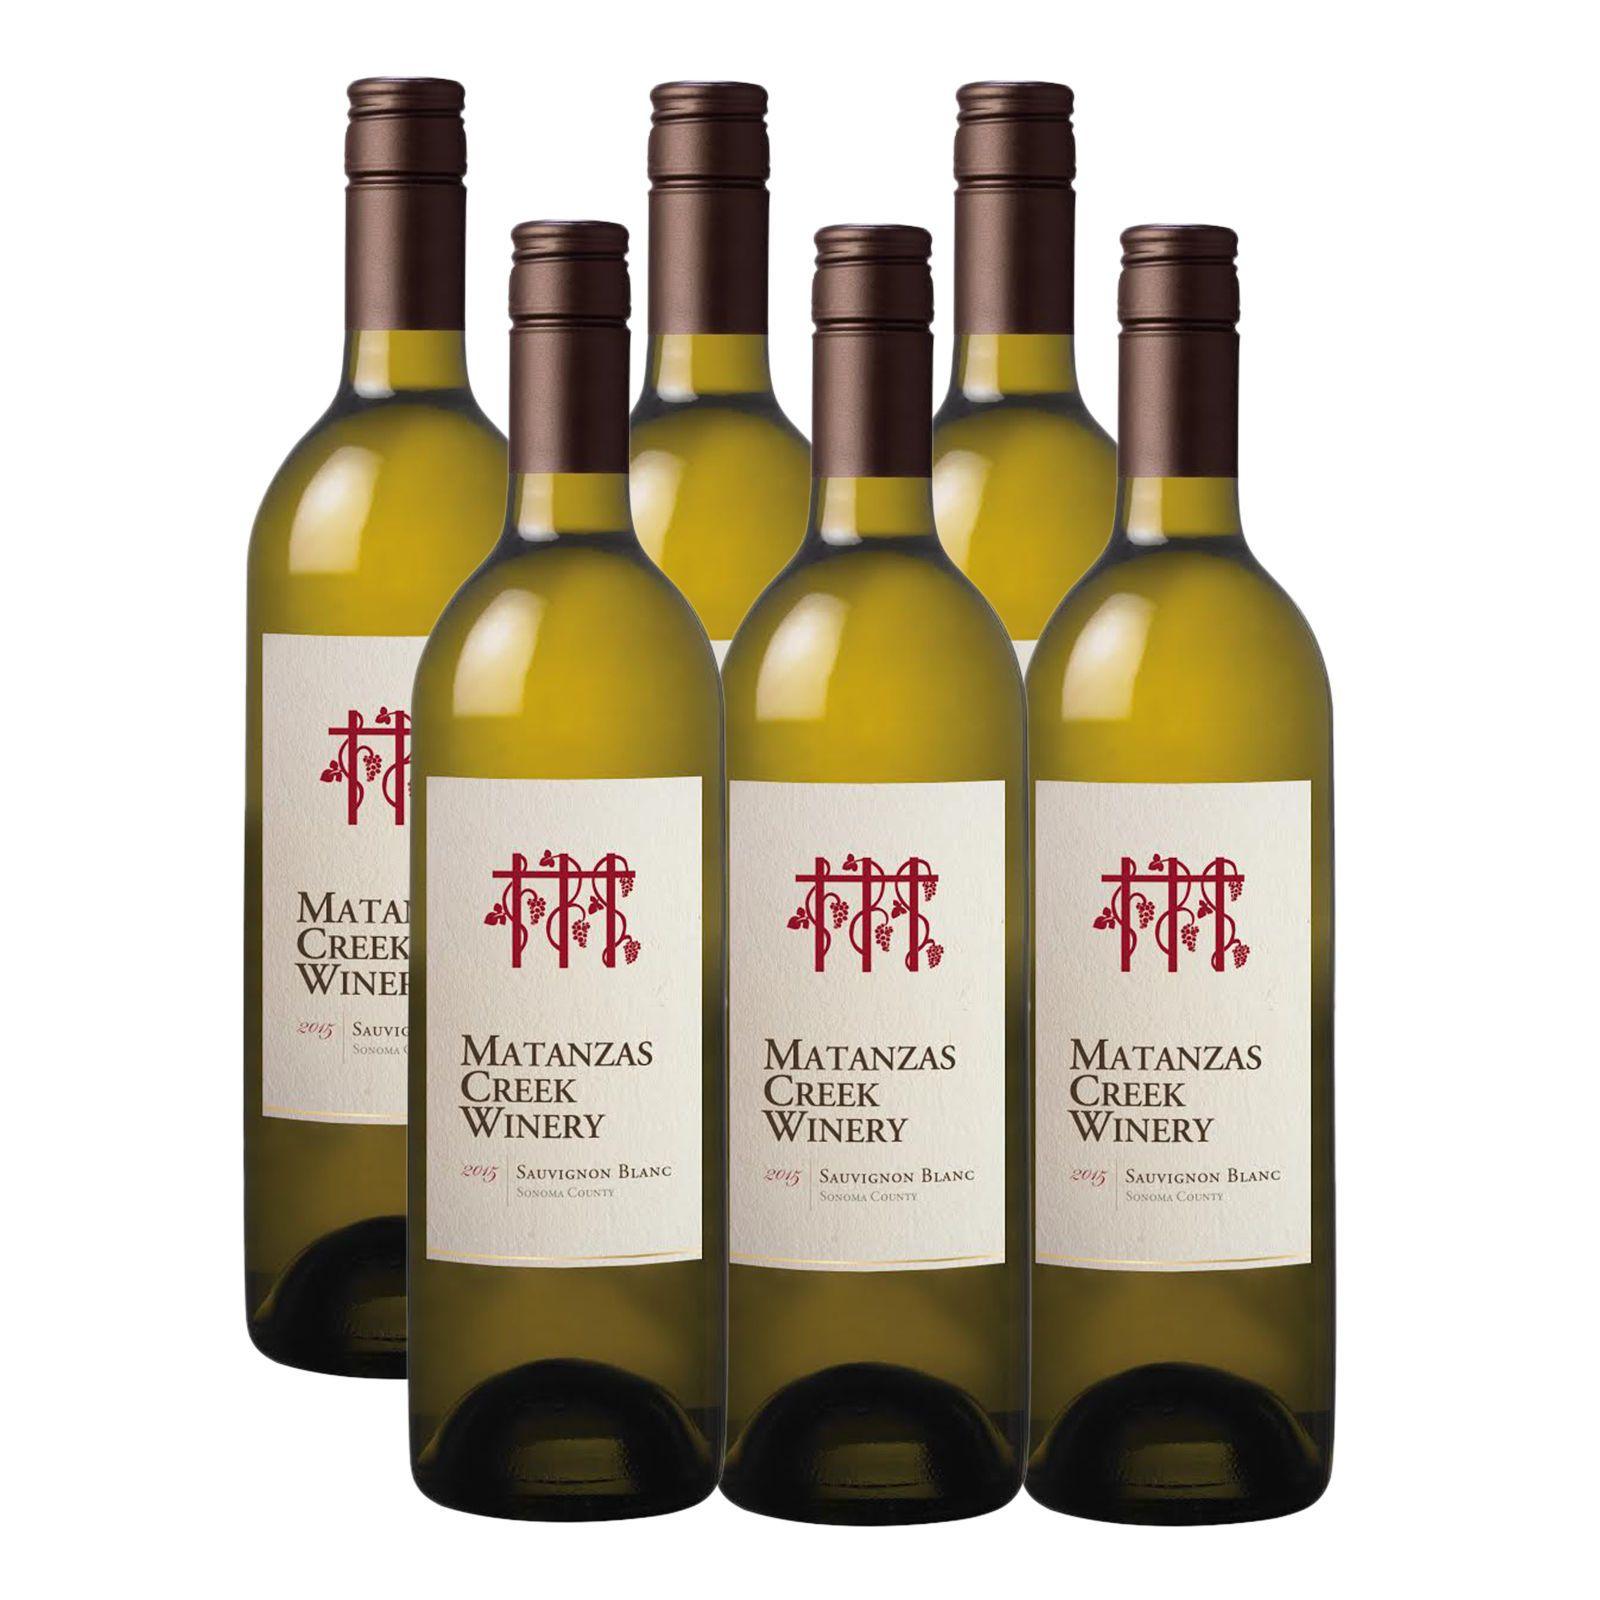 Matanzas Creek Winery 2015 Sonoma County Sauvignon Blanc